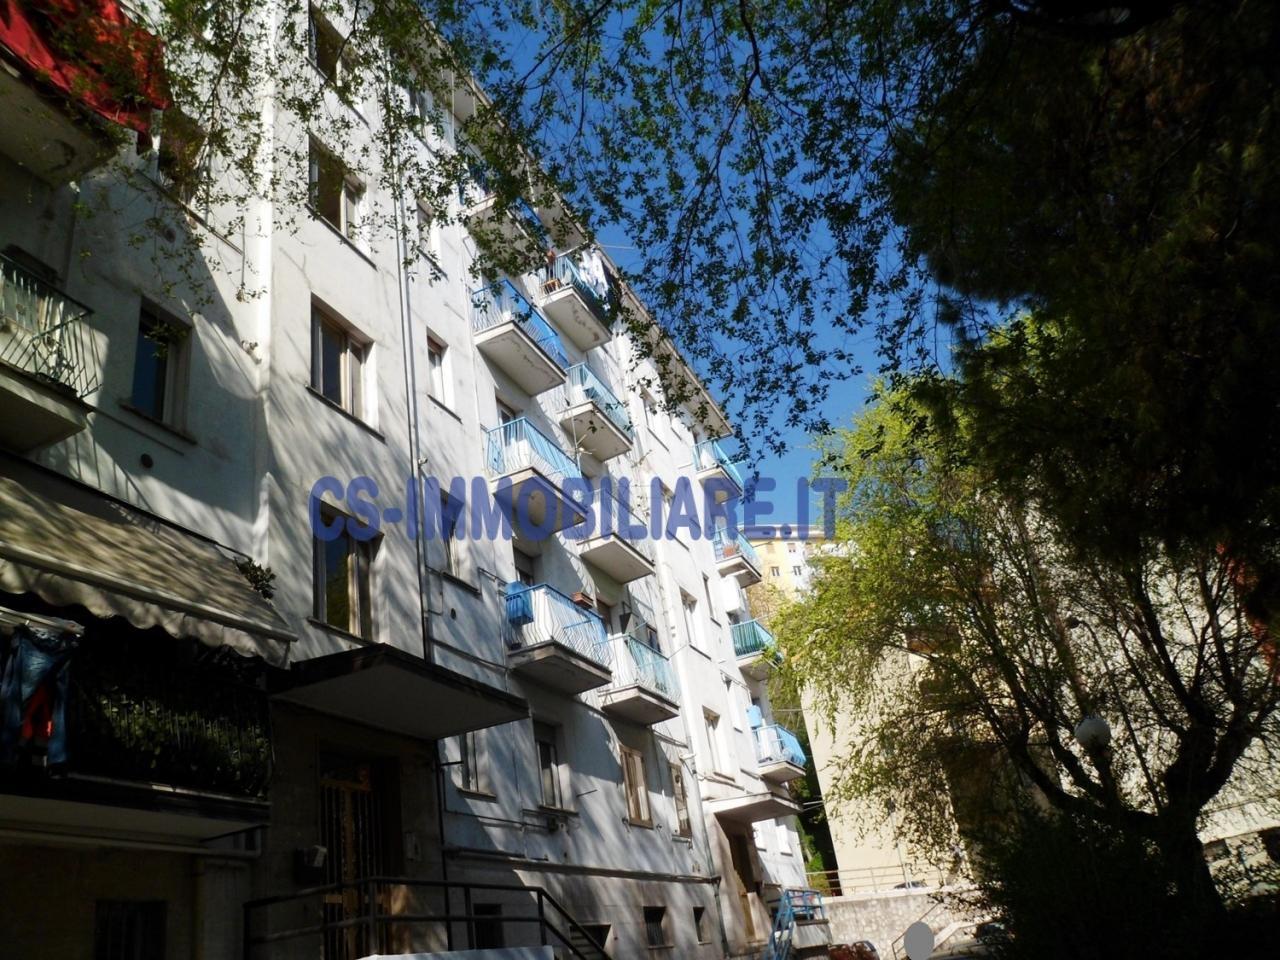 Appartamento in vendita a Potenza, 3 locali, zona Zona: Semicentro, prezzo € 98.000   Cambio Casa.it